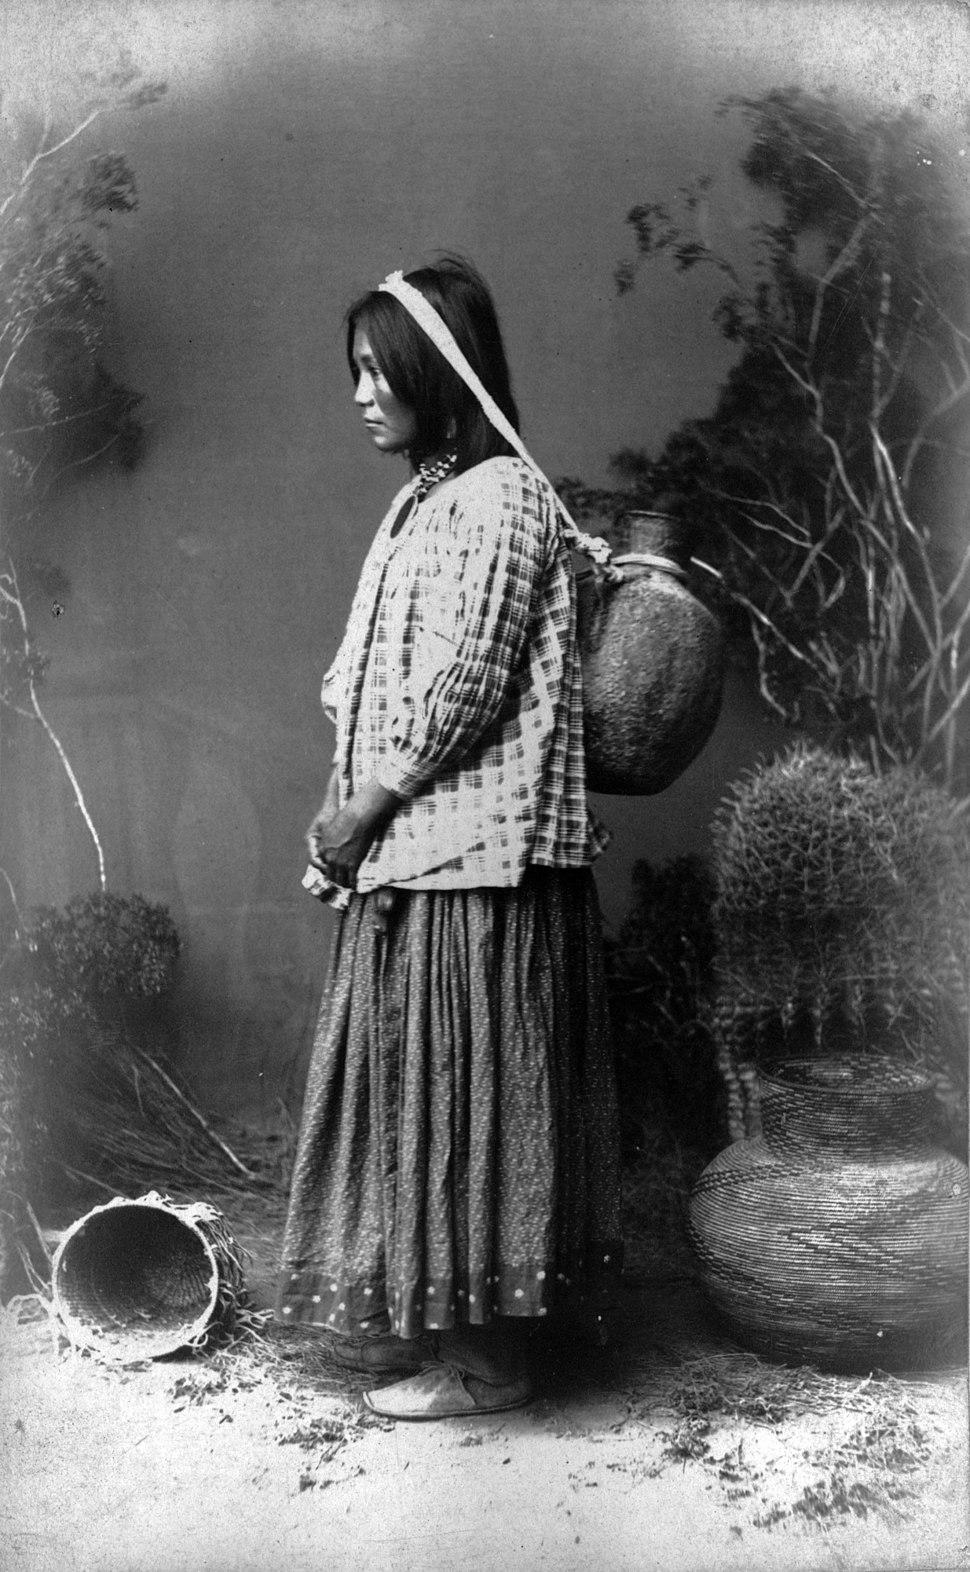 San Carlos Apache woman (F24259 DPLW)